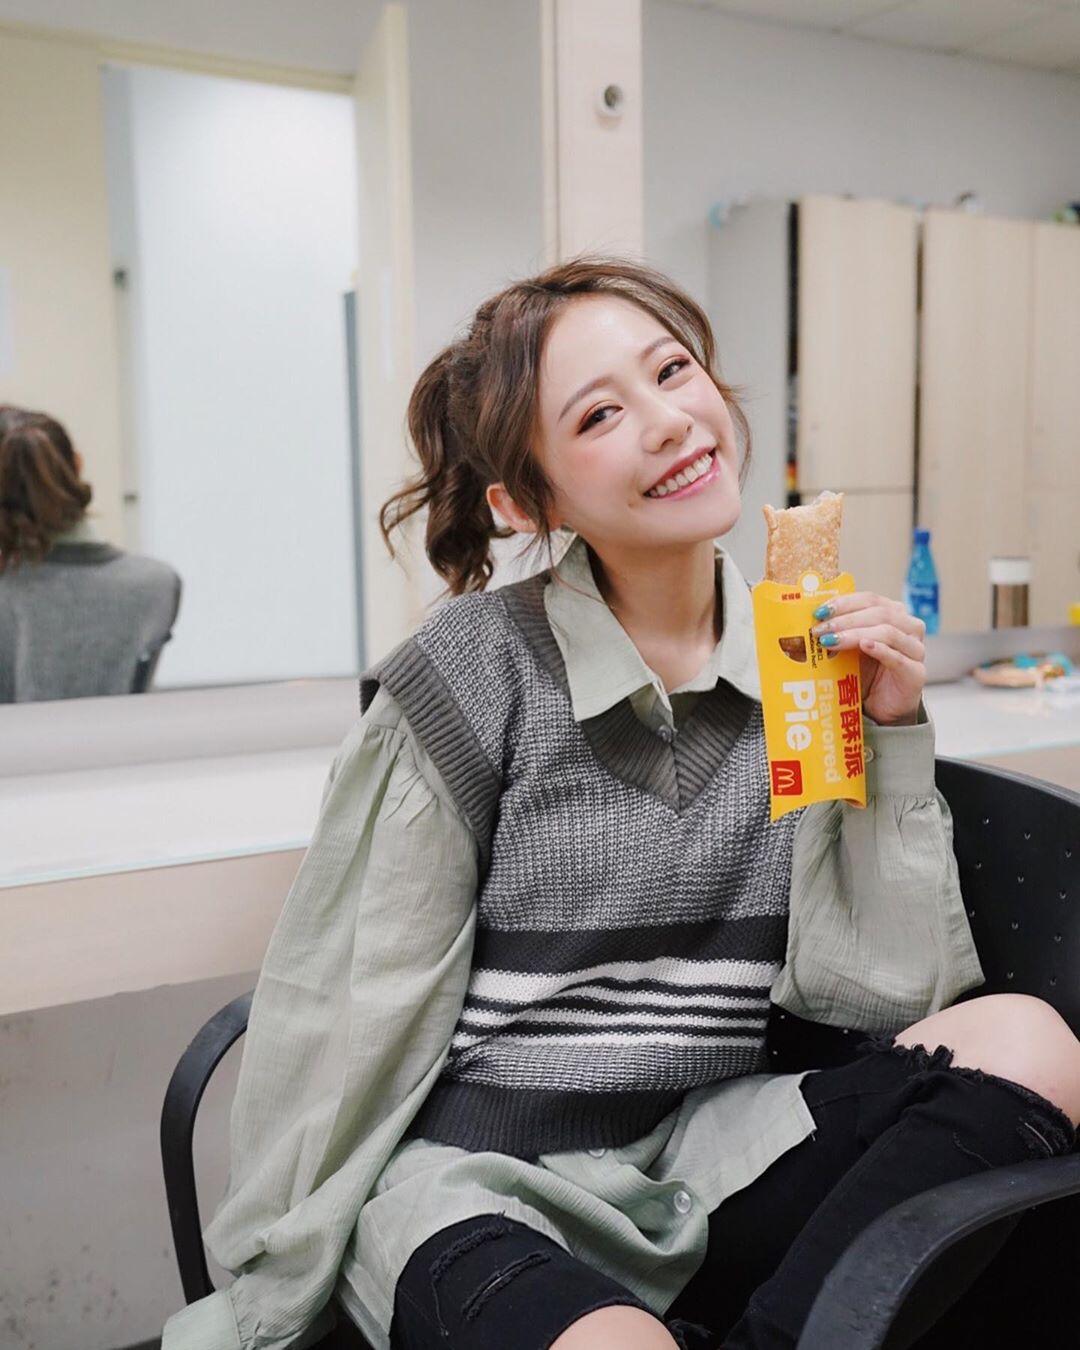 網路票選《娛百狼人殺》「最猛高玩Top10」第一名竟不是九澤CP!